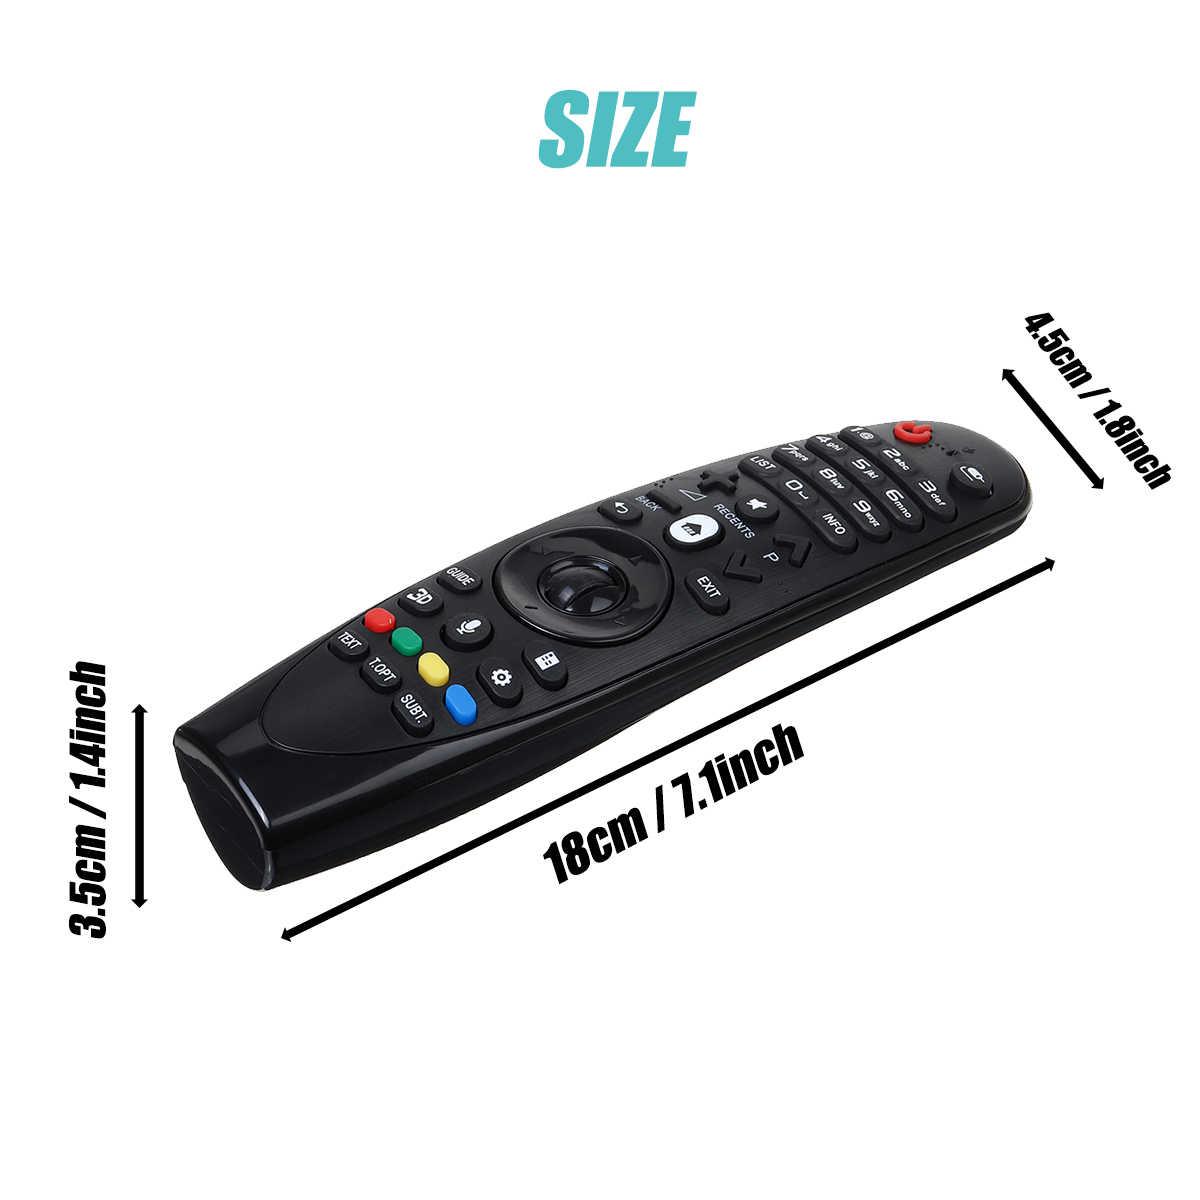 Smart Nirkabel TV Remote Control Penggantian Hanya untuk LG AM-HR600 AN-MR600